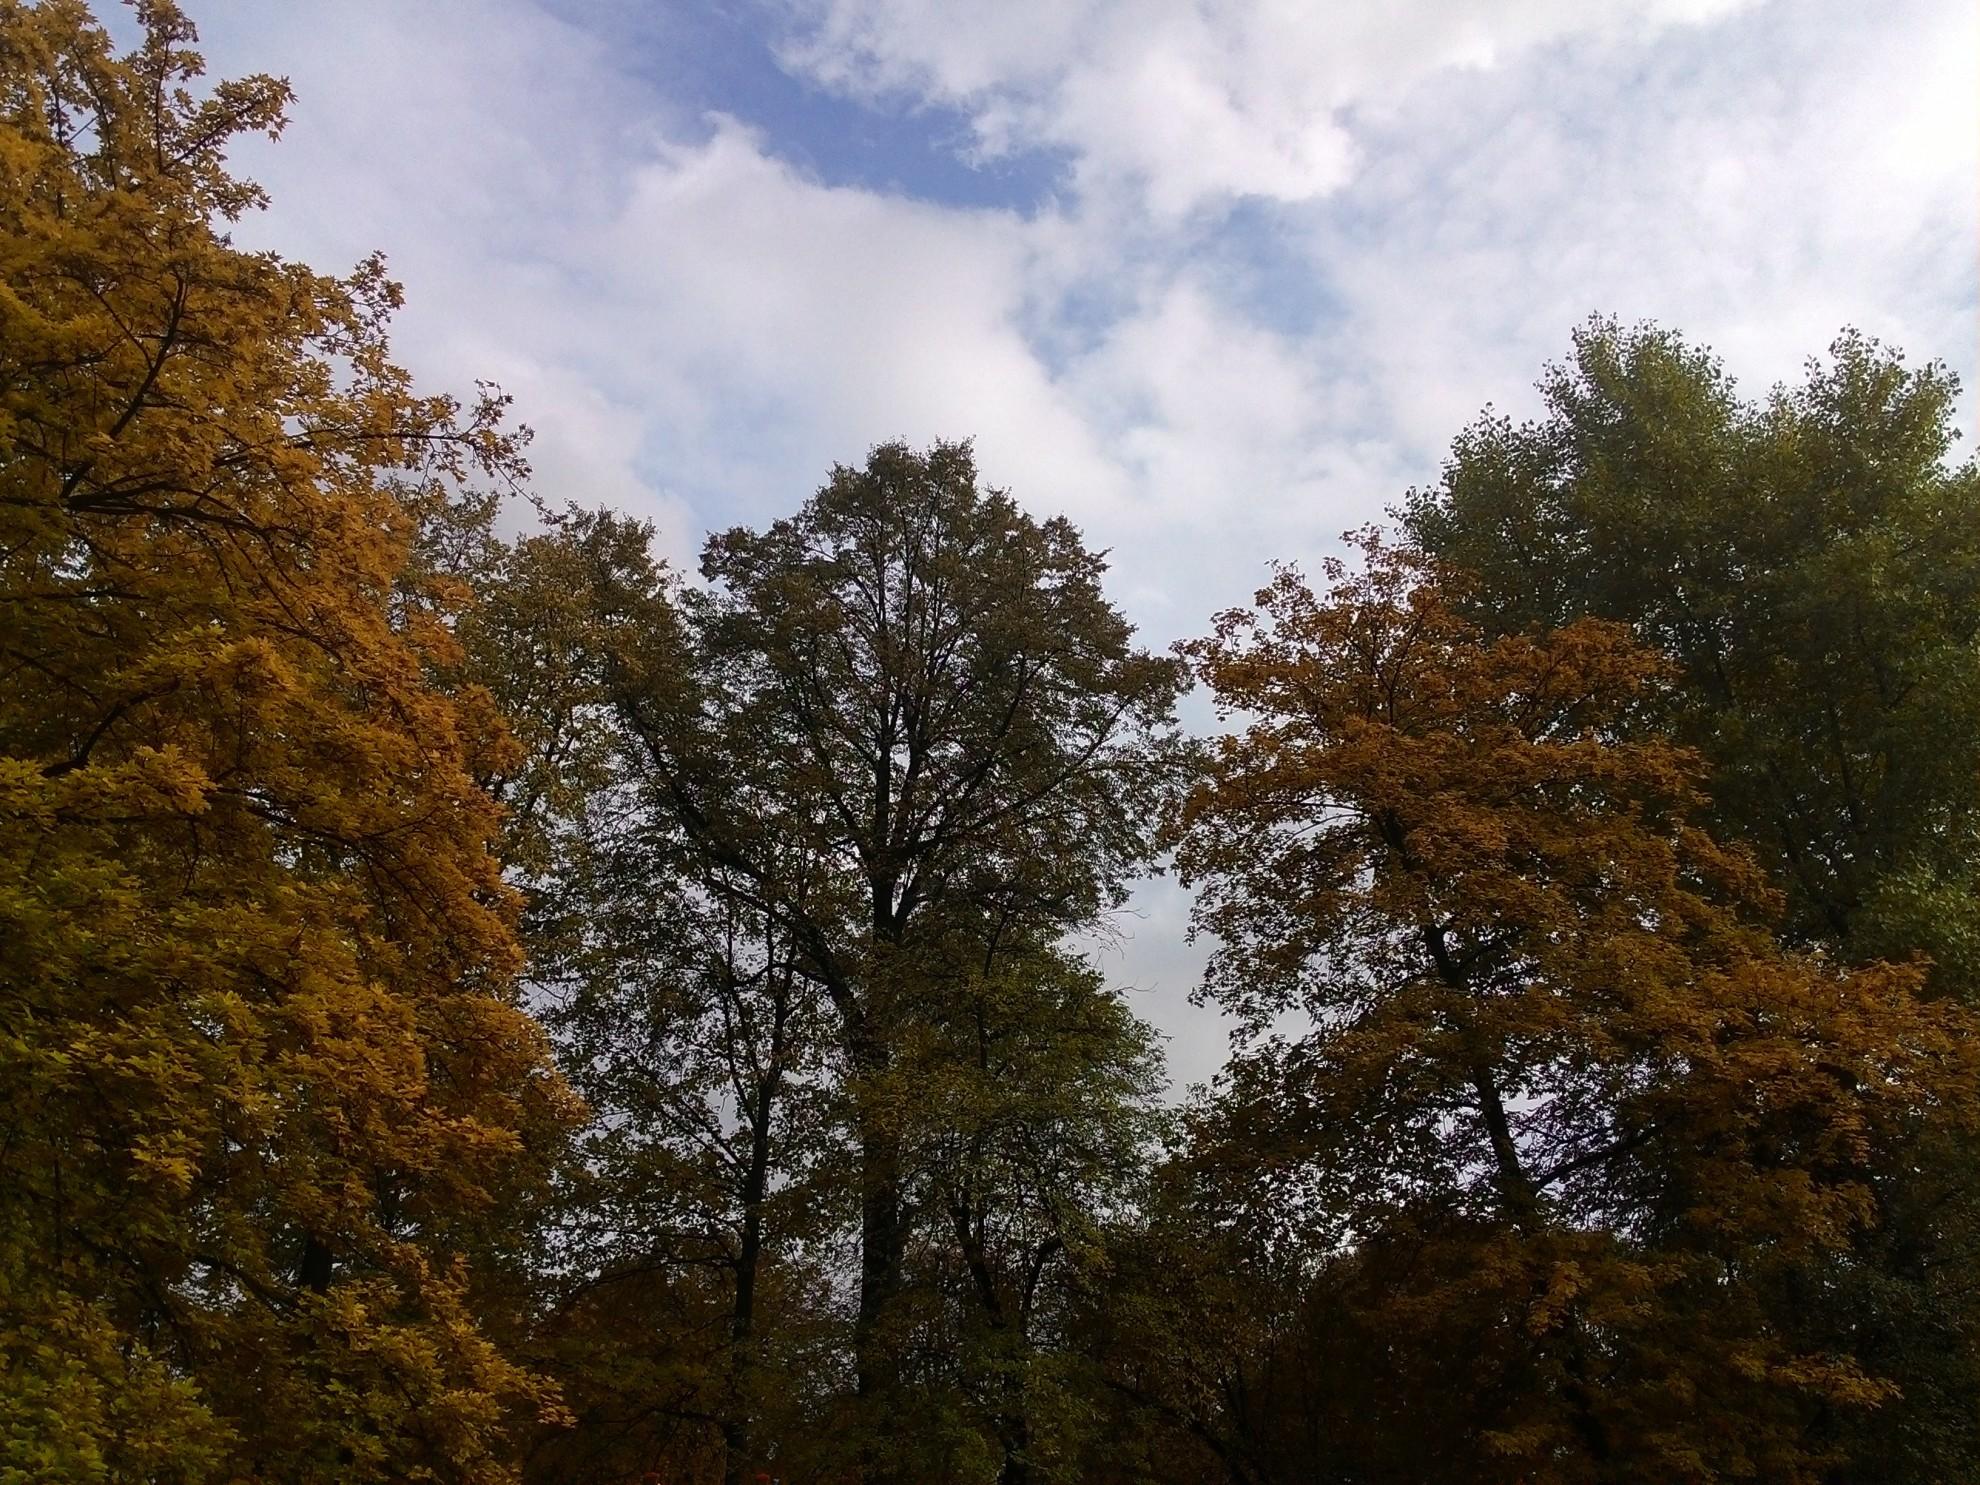 Za co uwielbiam jesień?